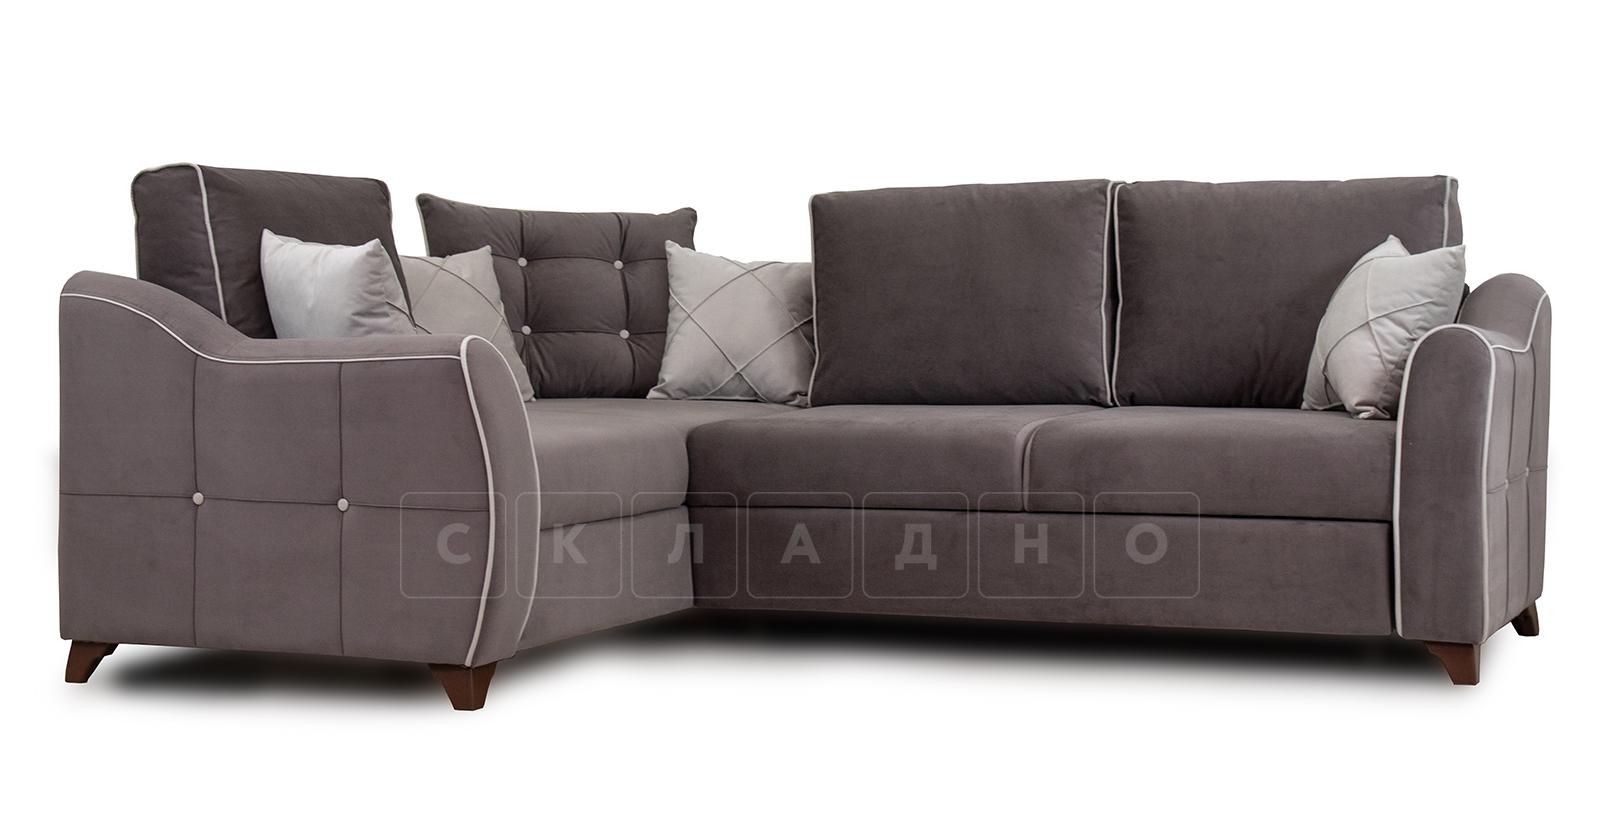 Диван-кровать угловой Флэтфорд шоколад фото 1 | интернет-магазин Складно